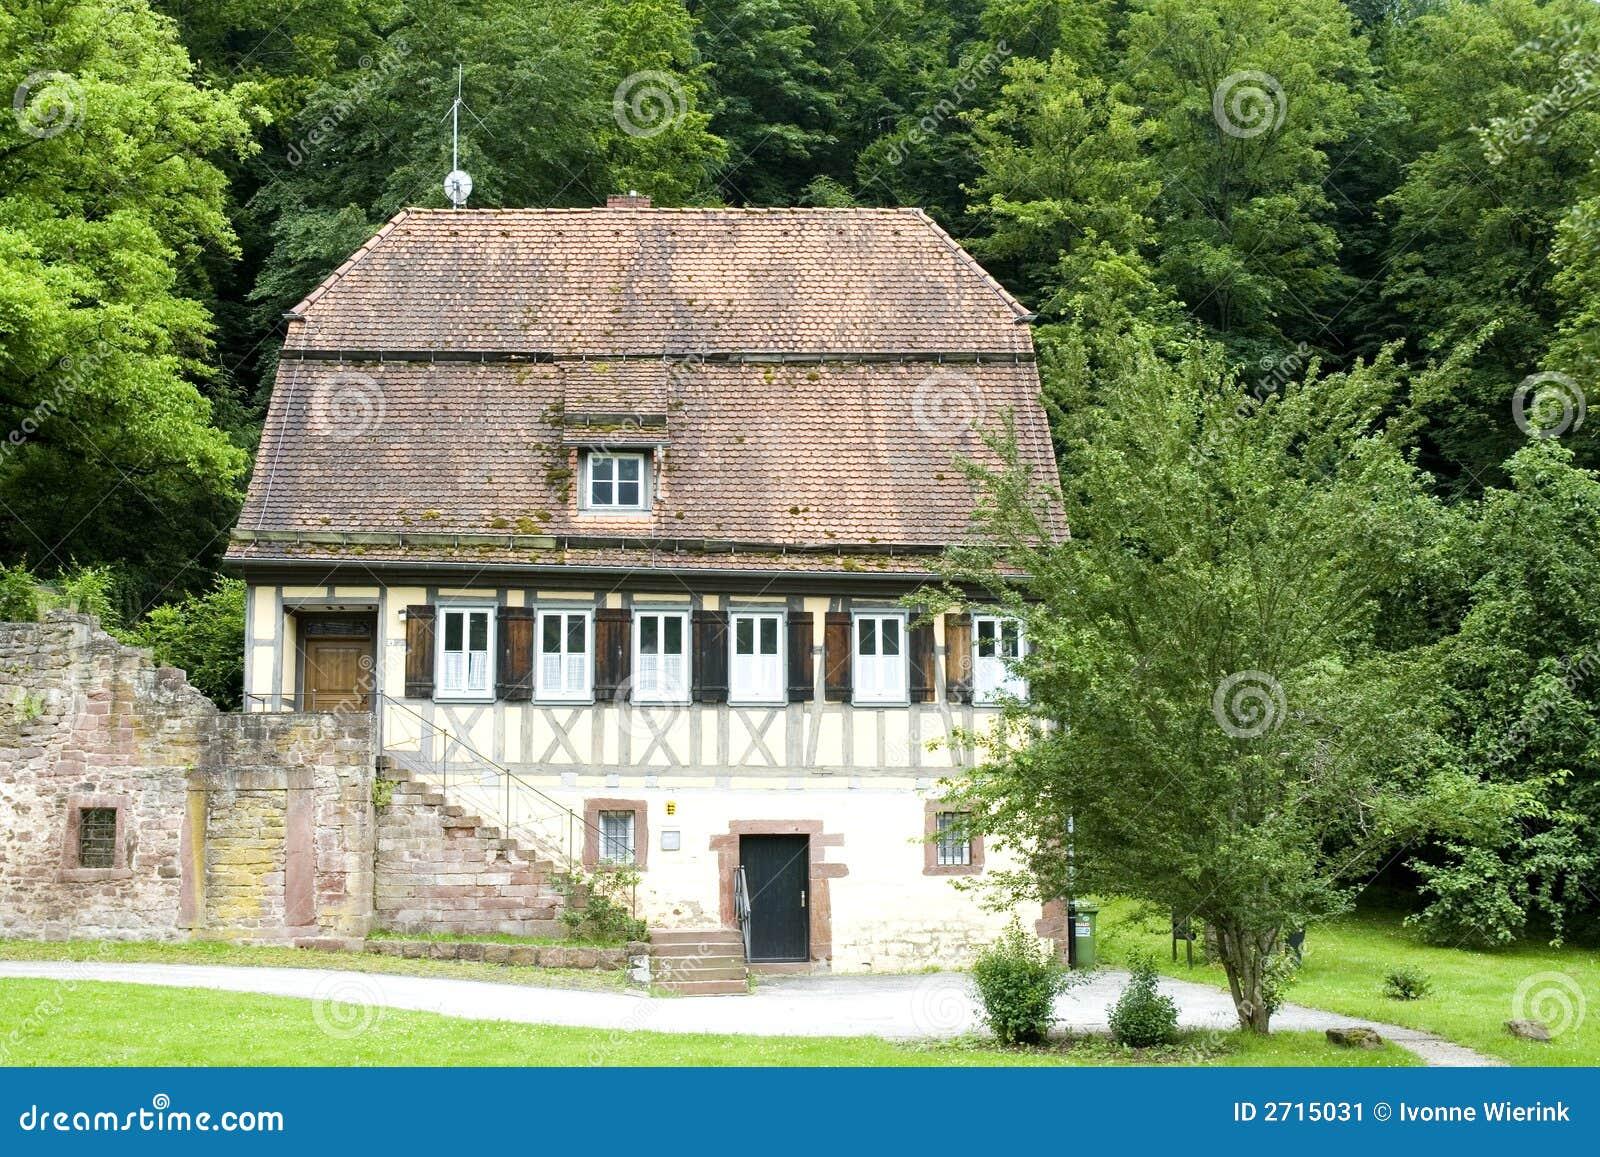 Casa tedesca tipica immagine stock immagine di verde for Casa tradizionale tedesca